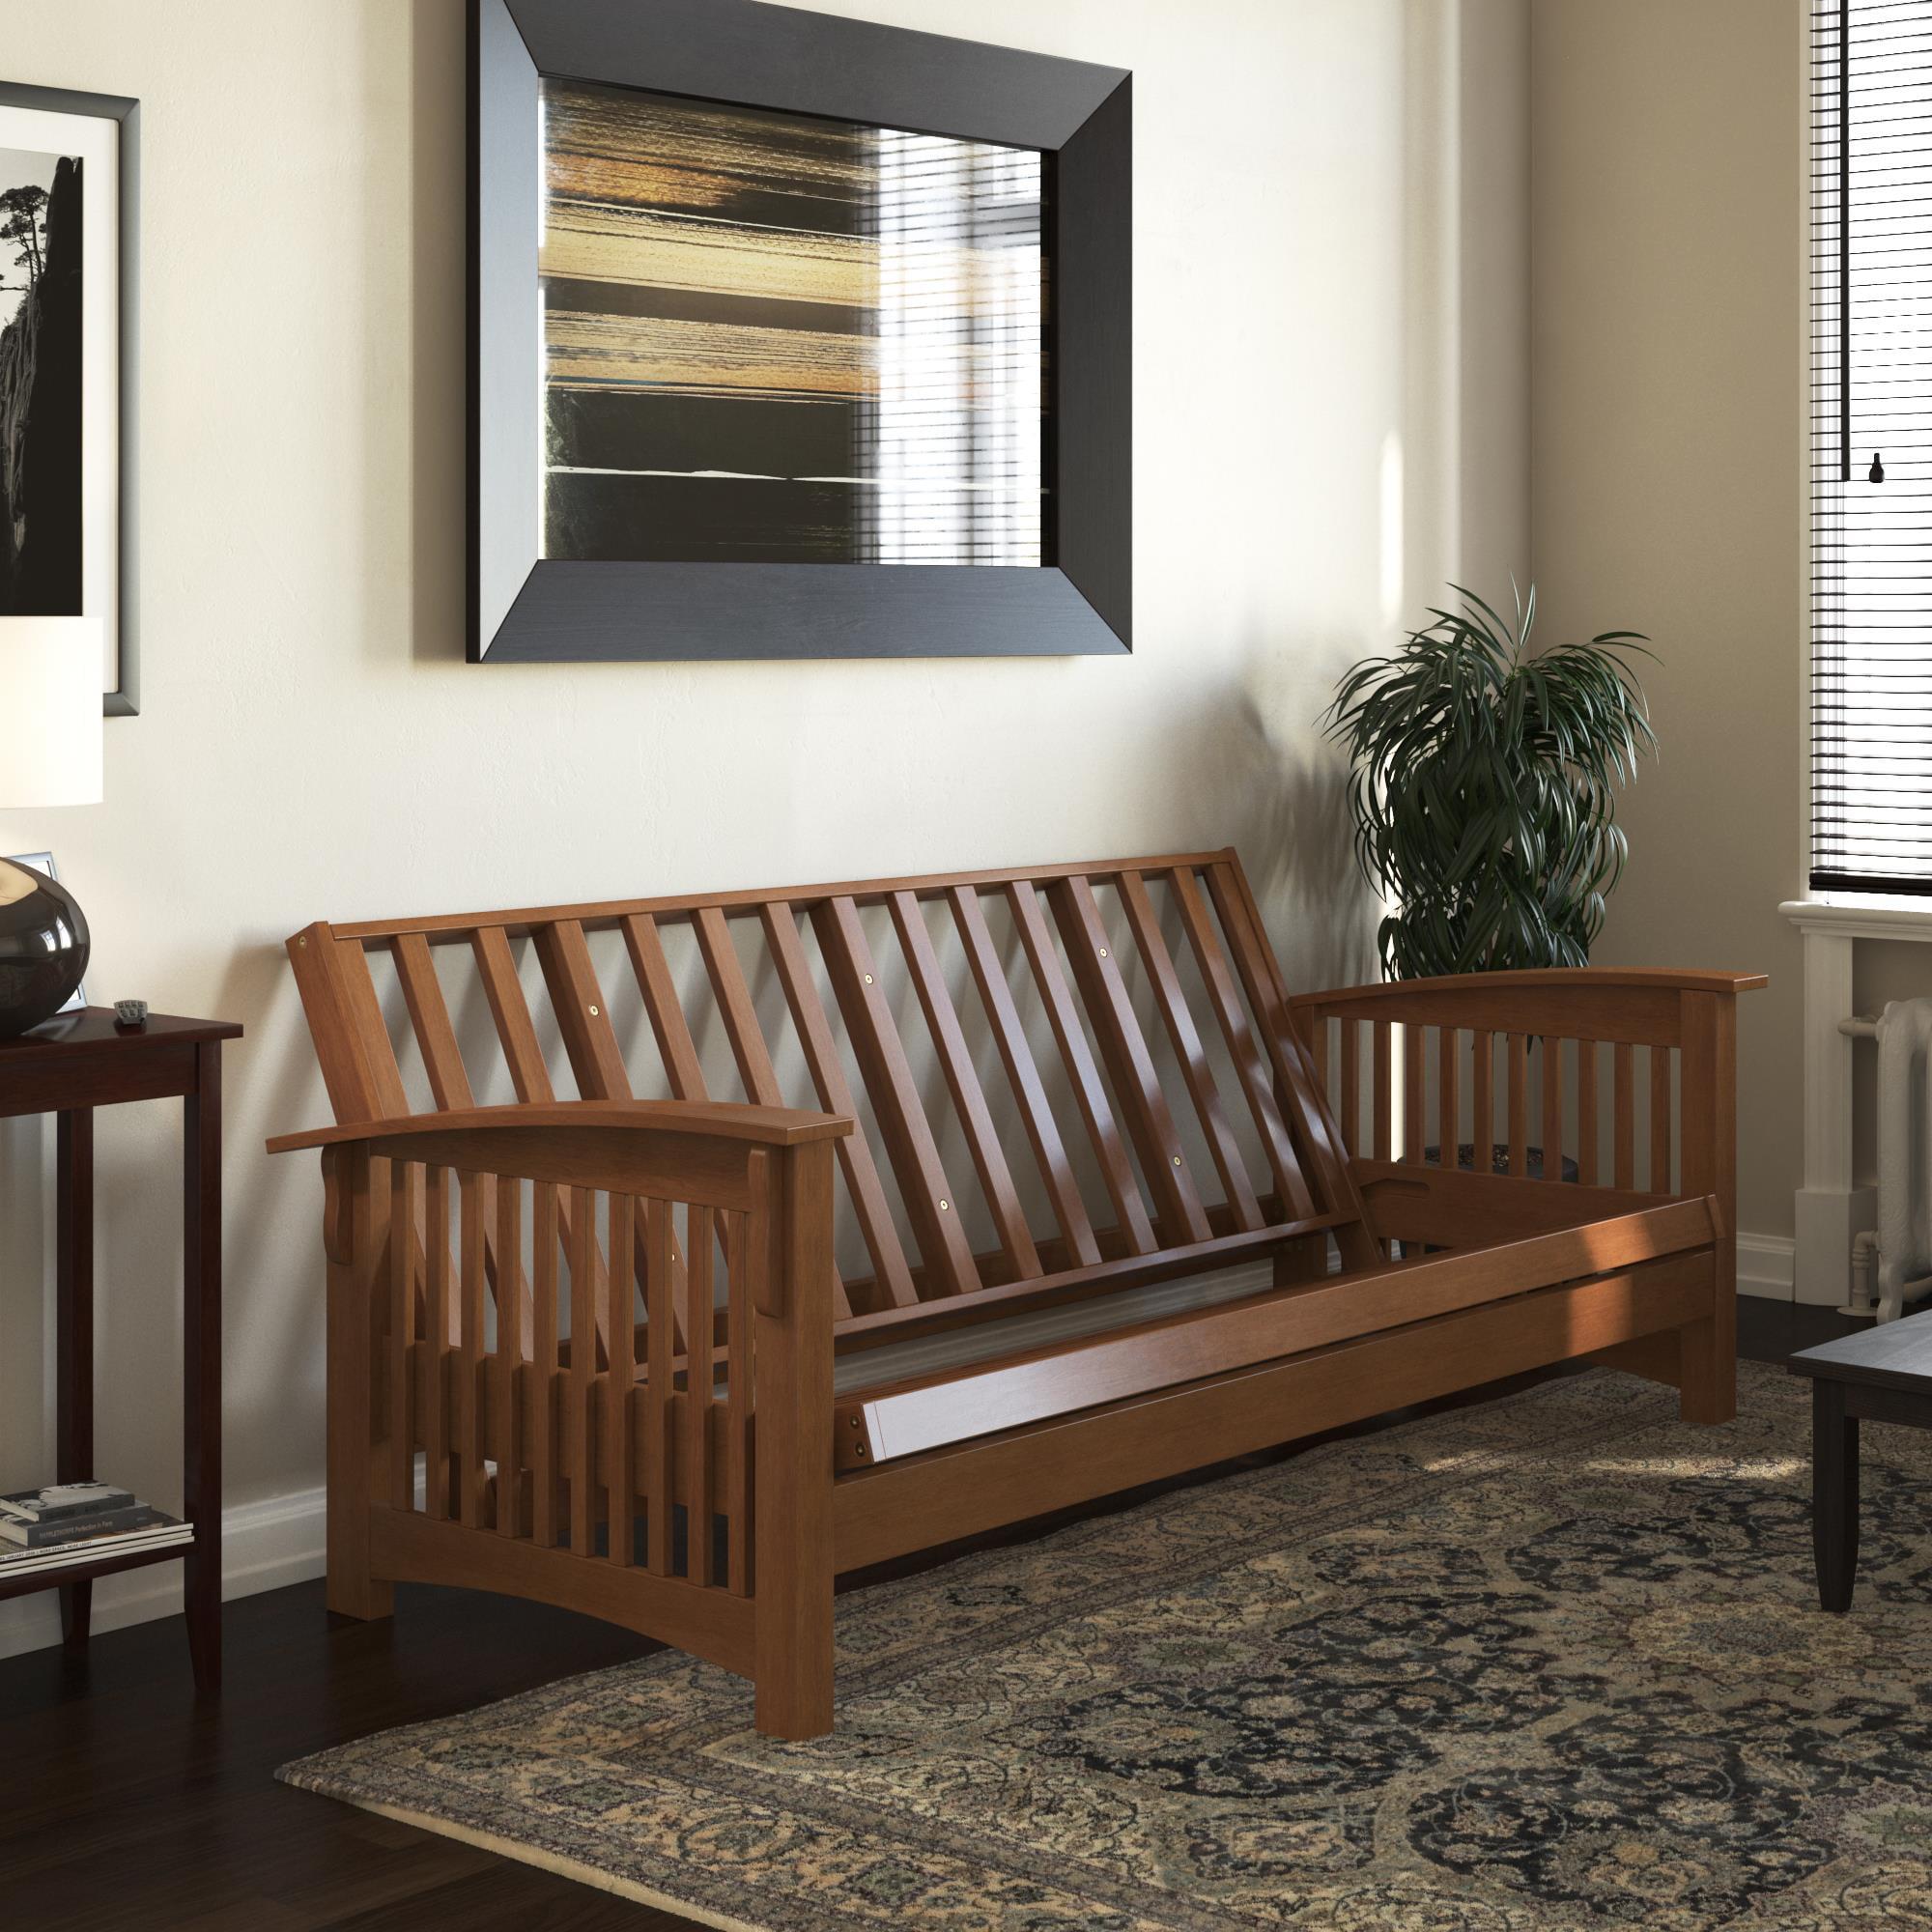 DHP Cameron All Wood Futon Frame, Convertible Sofa Bed, Natural Oak - Walmart.com - Walmart.com